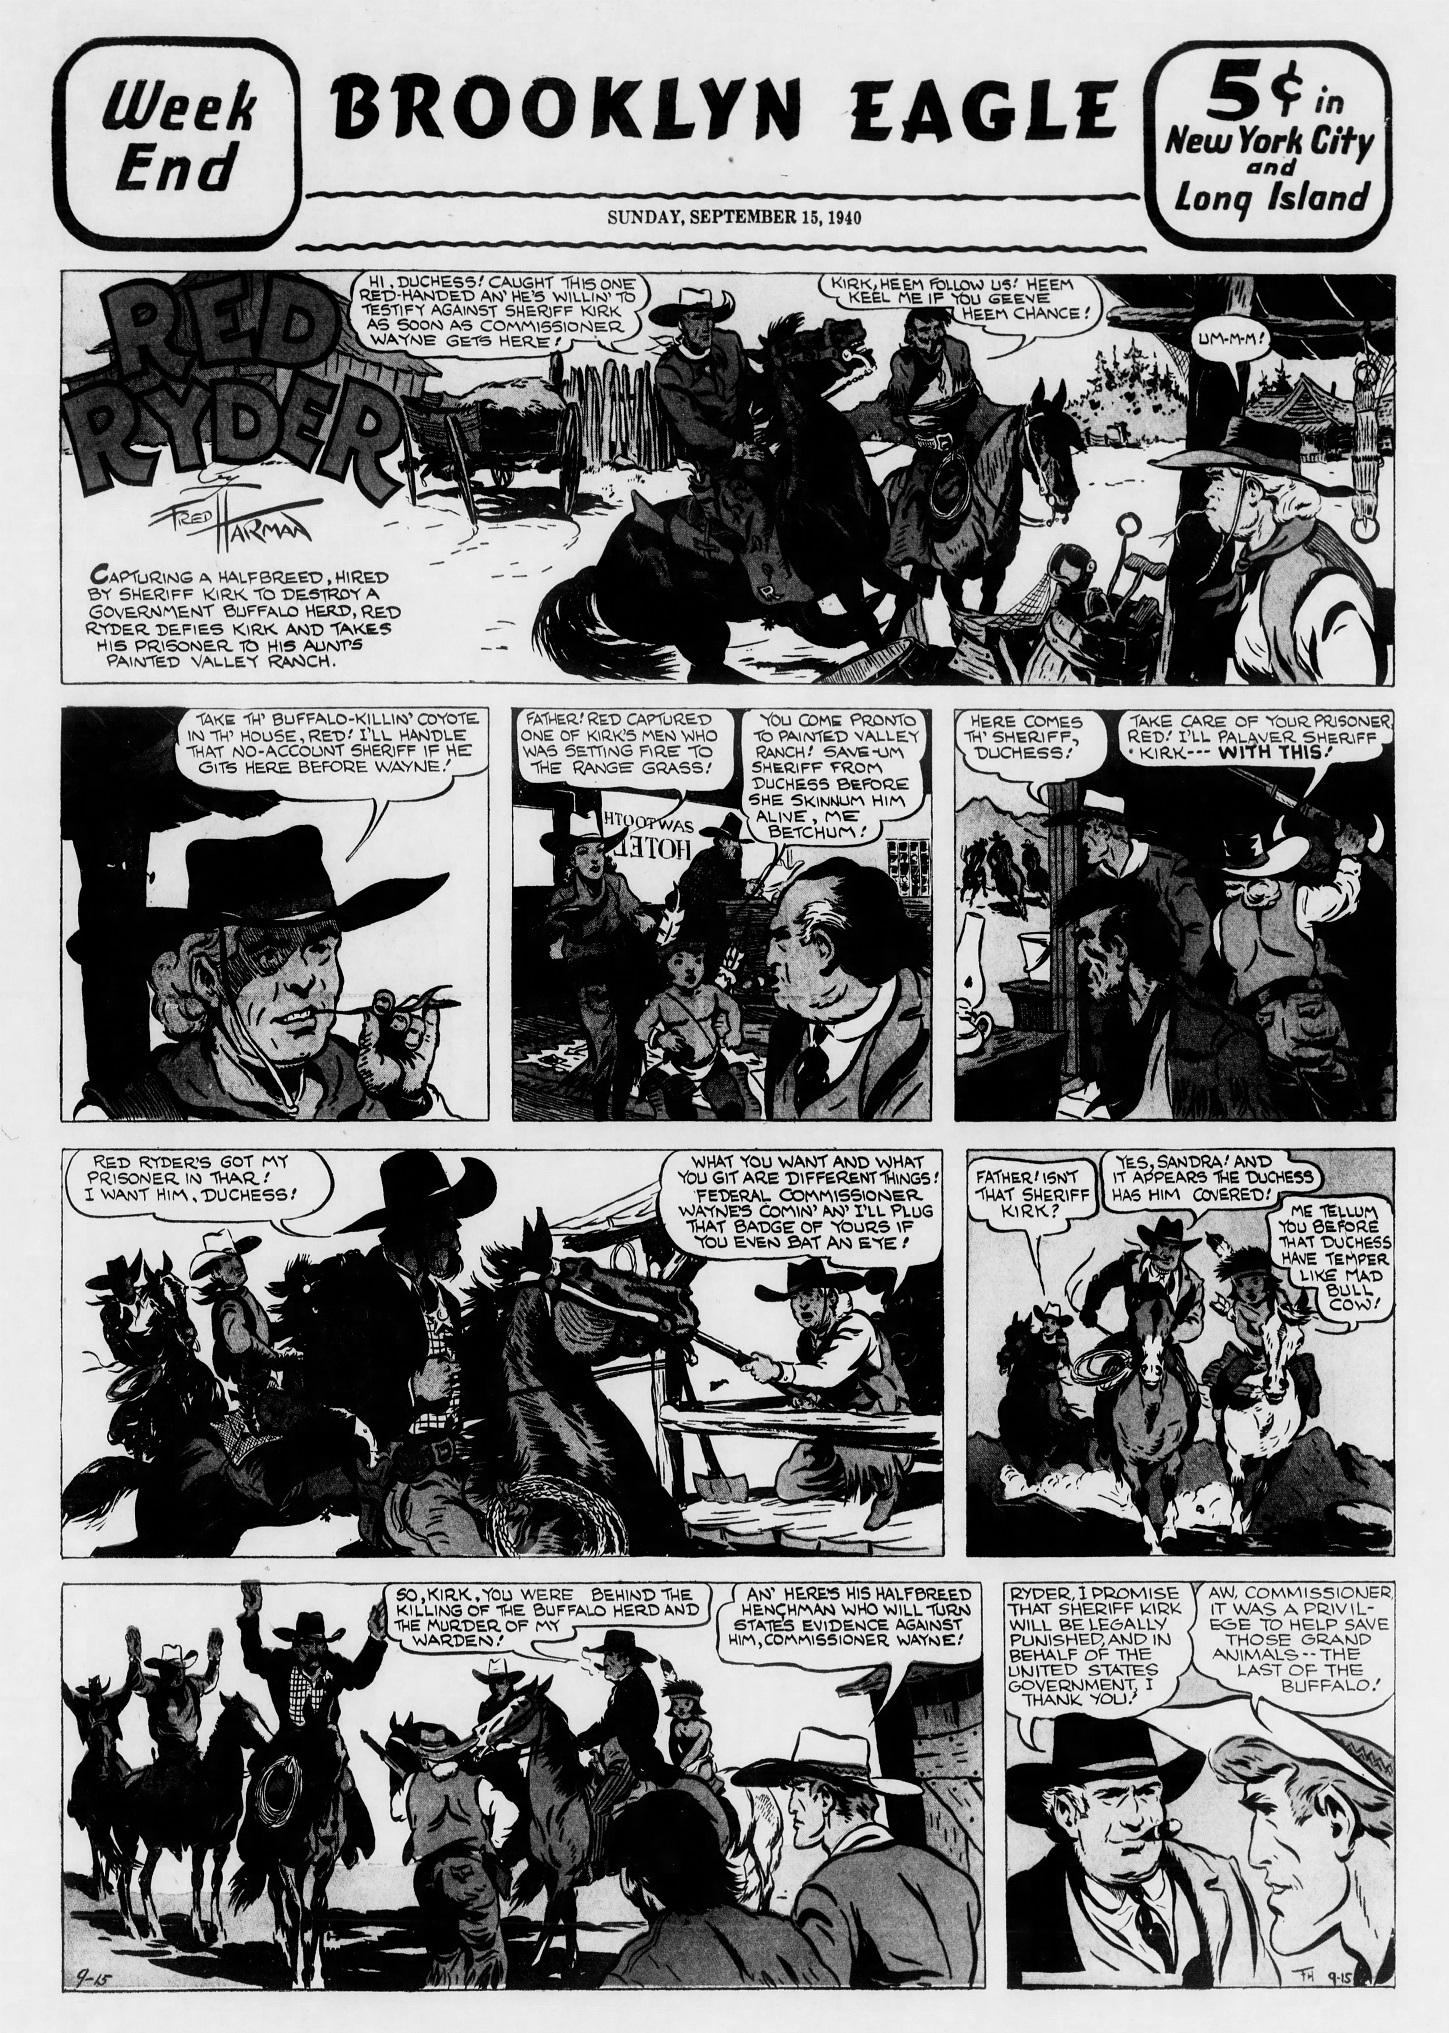 The_Brooklyn_Daily_Eagle_Sun__Sep_15__1940_(4).jpg